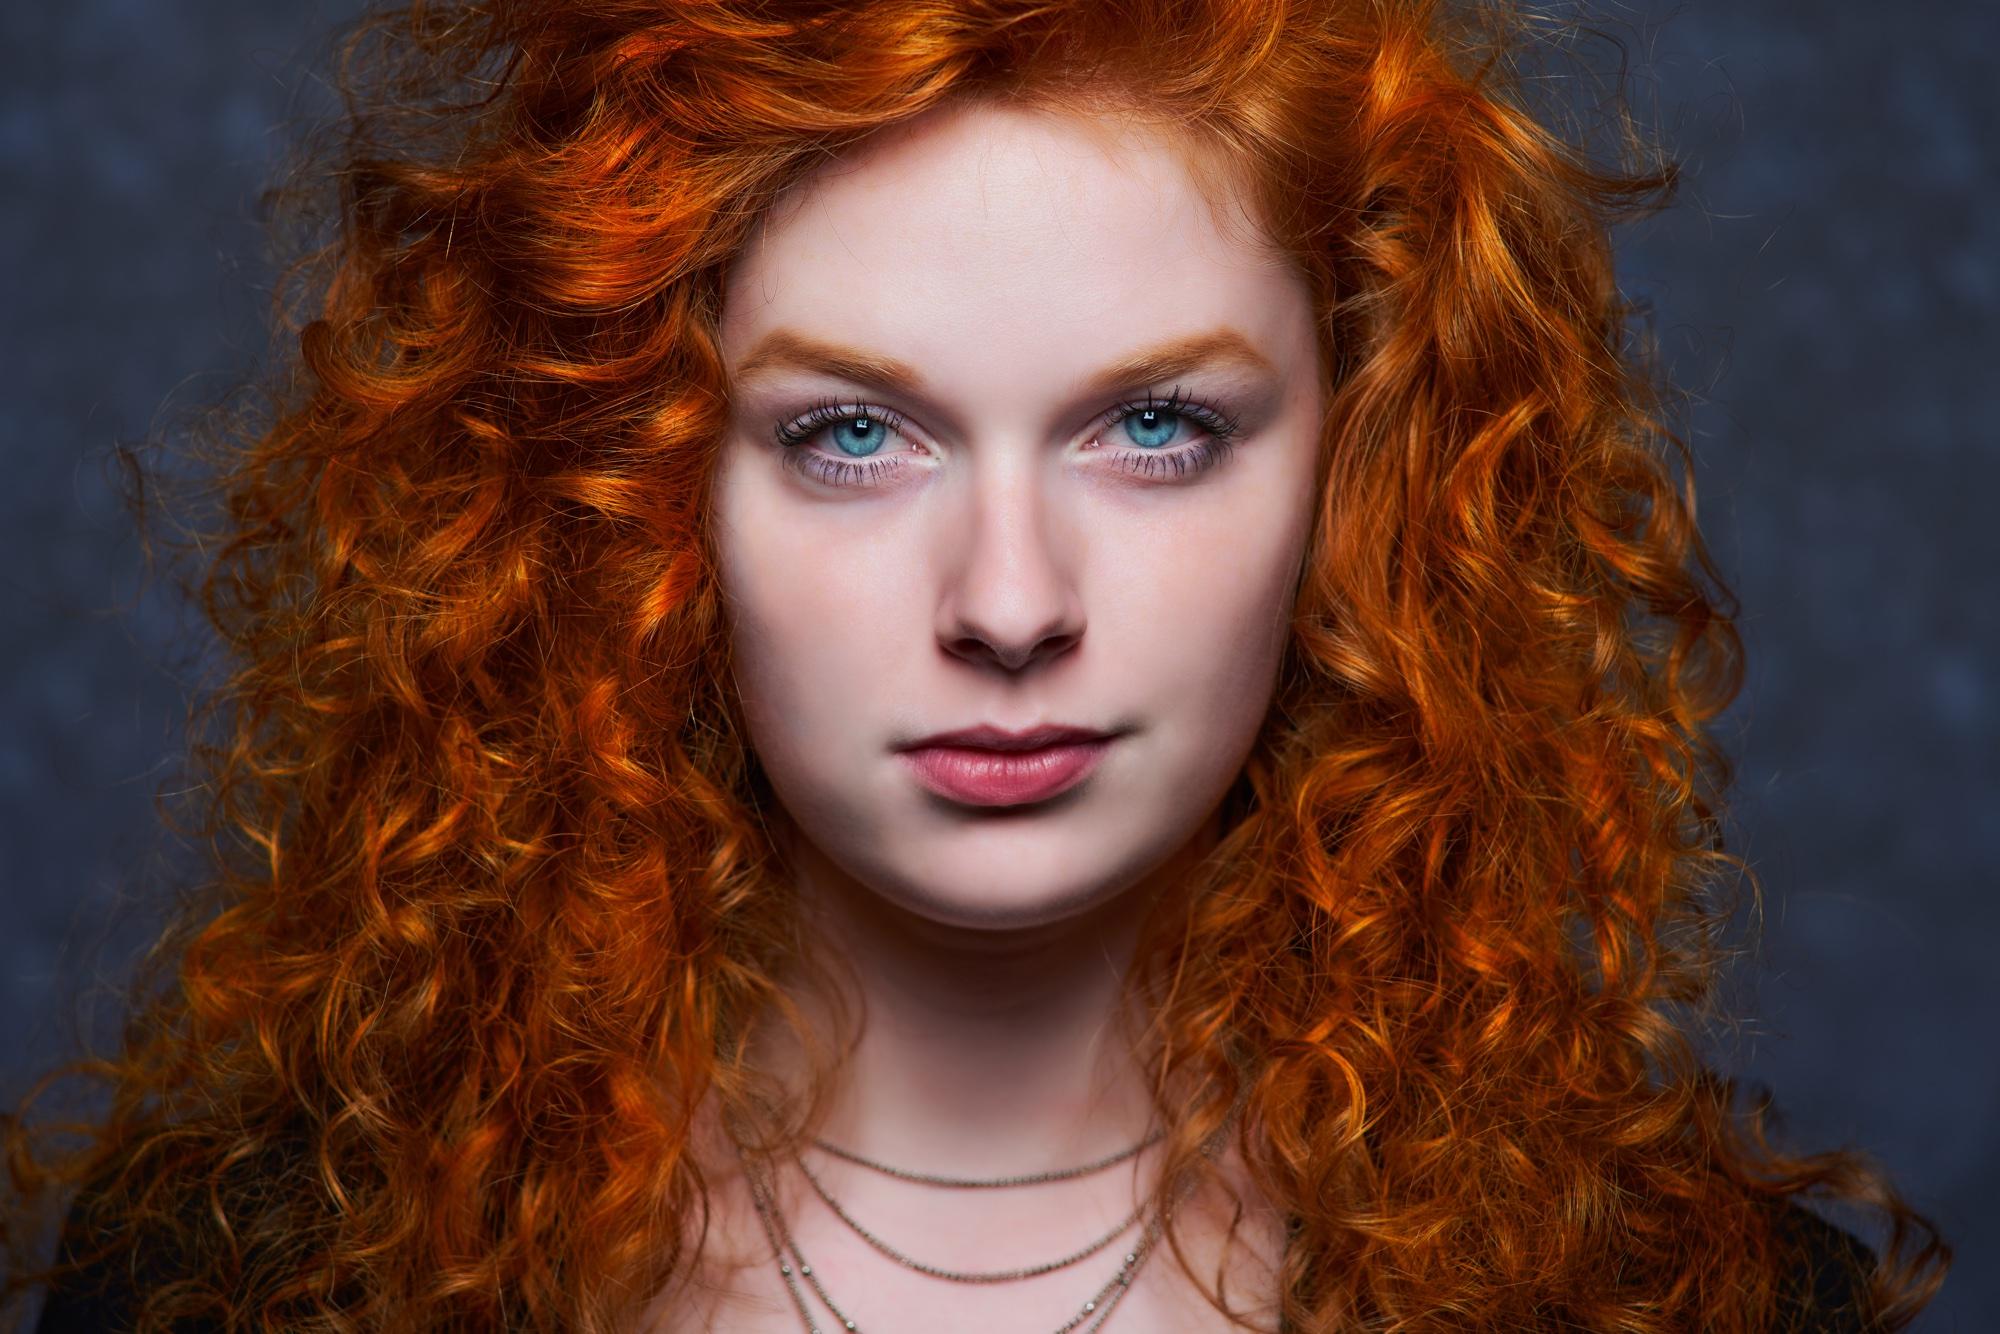 foto: © Frank Doorhof - model met rode krullen